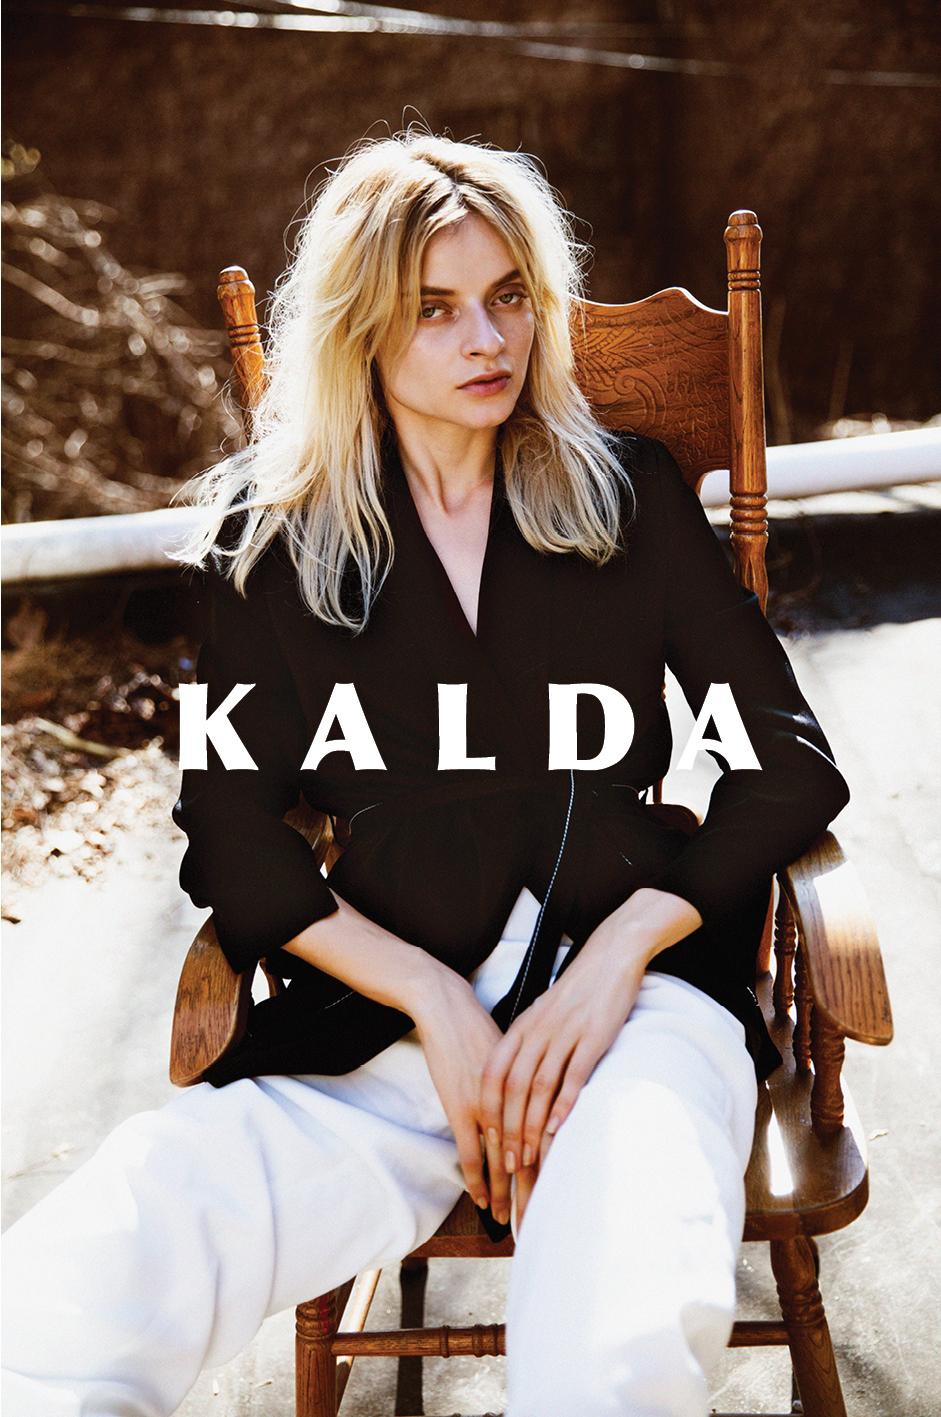 Kalda+social+media45.jpg